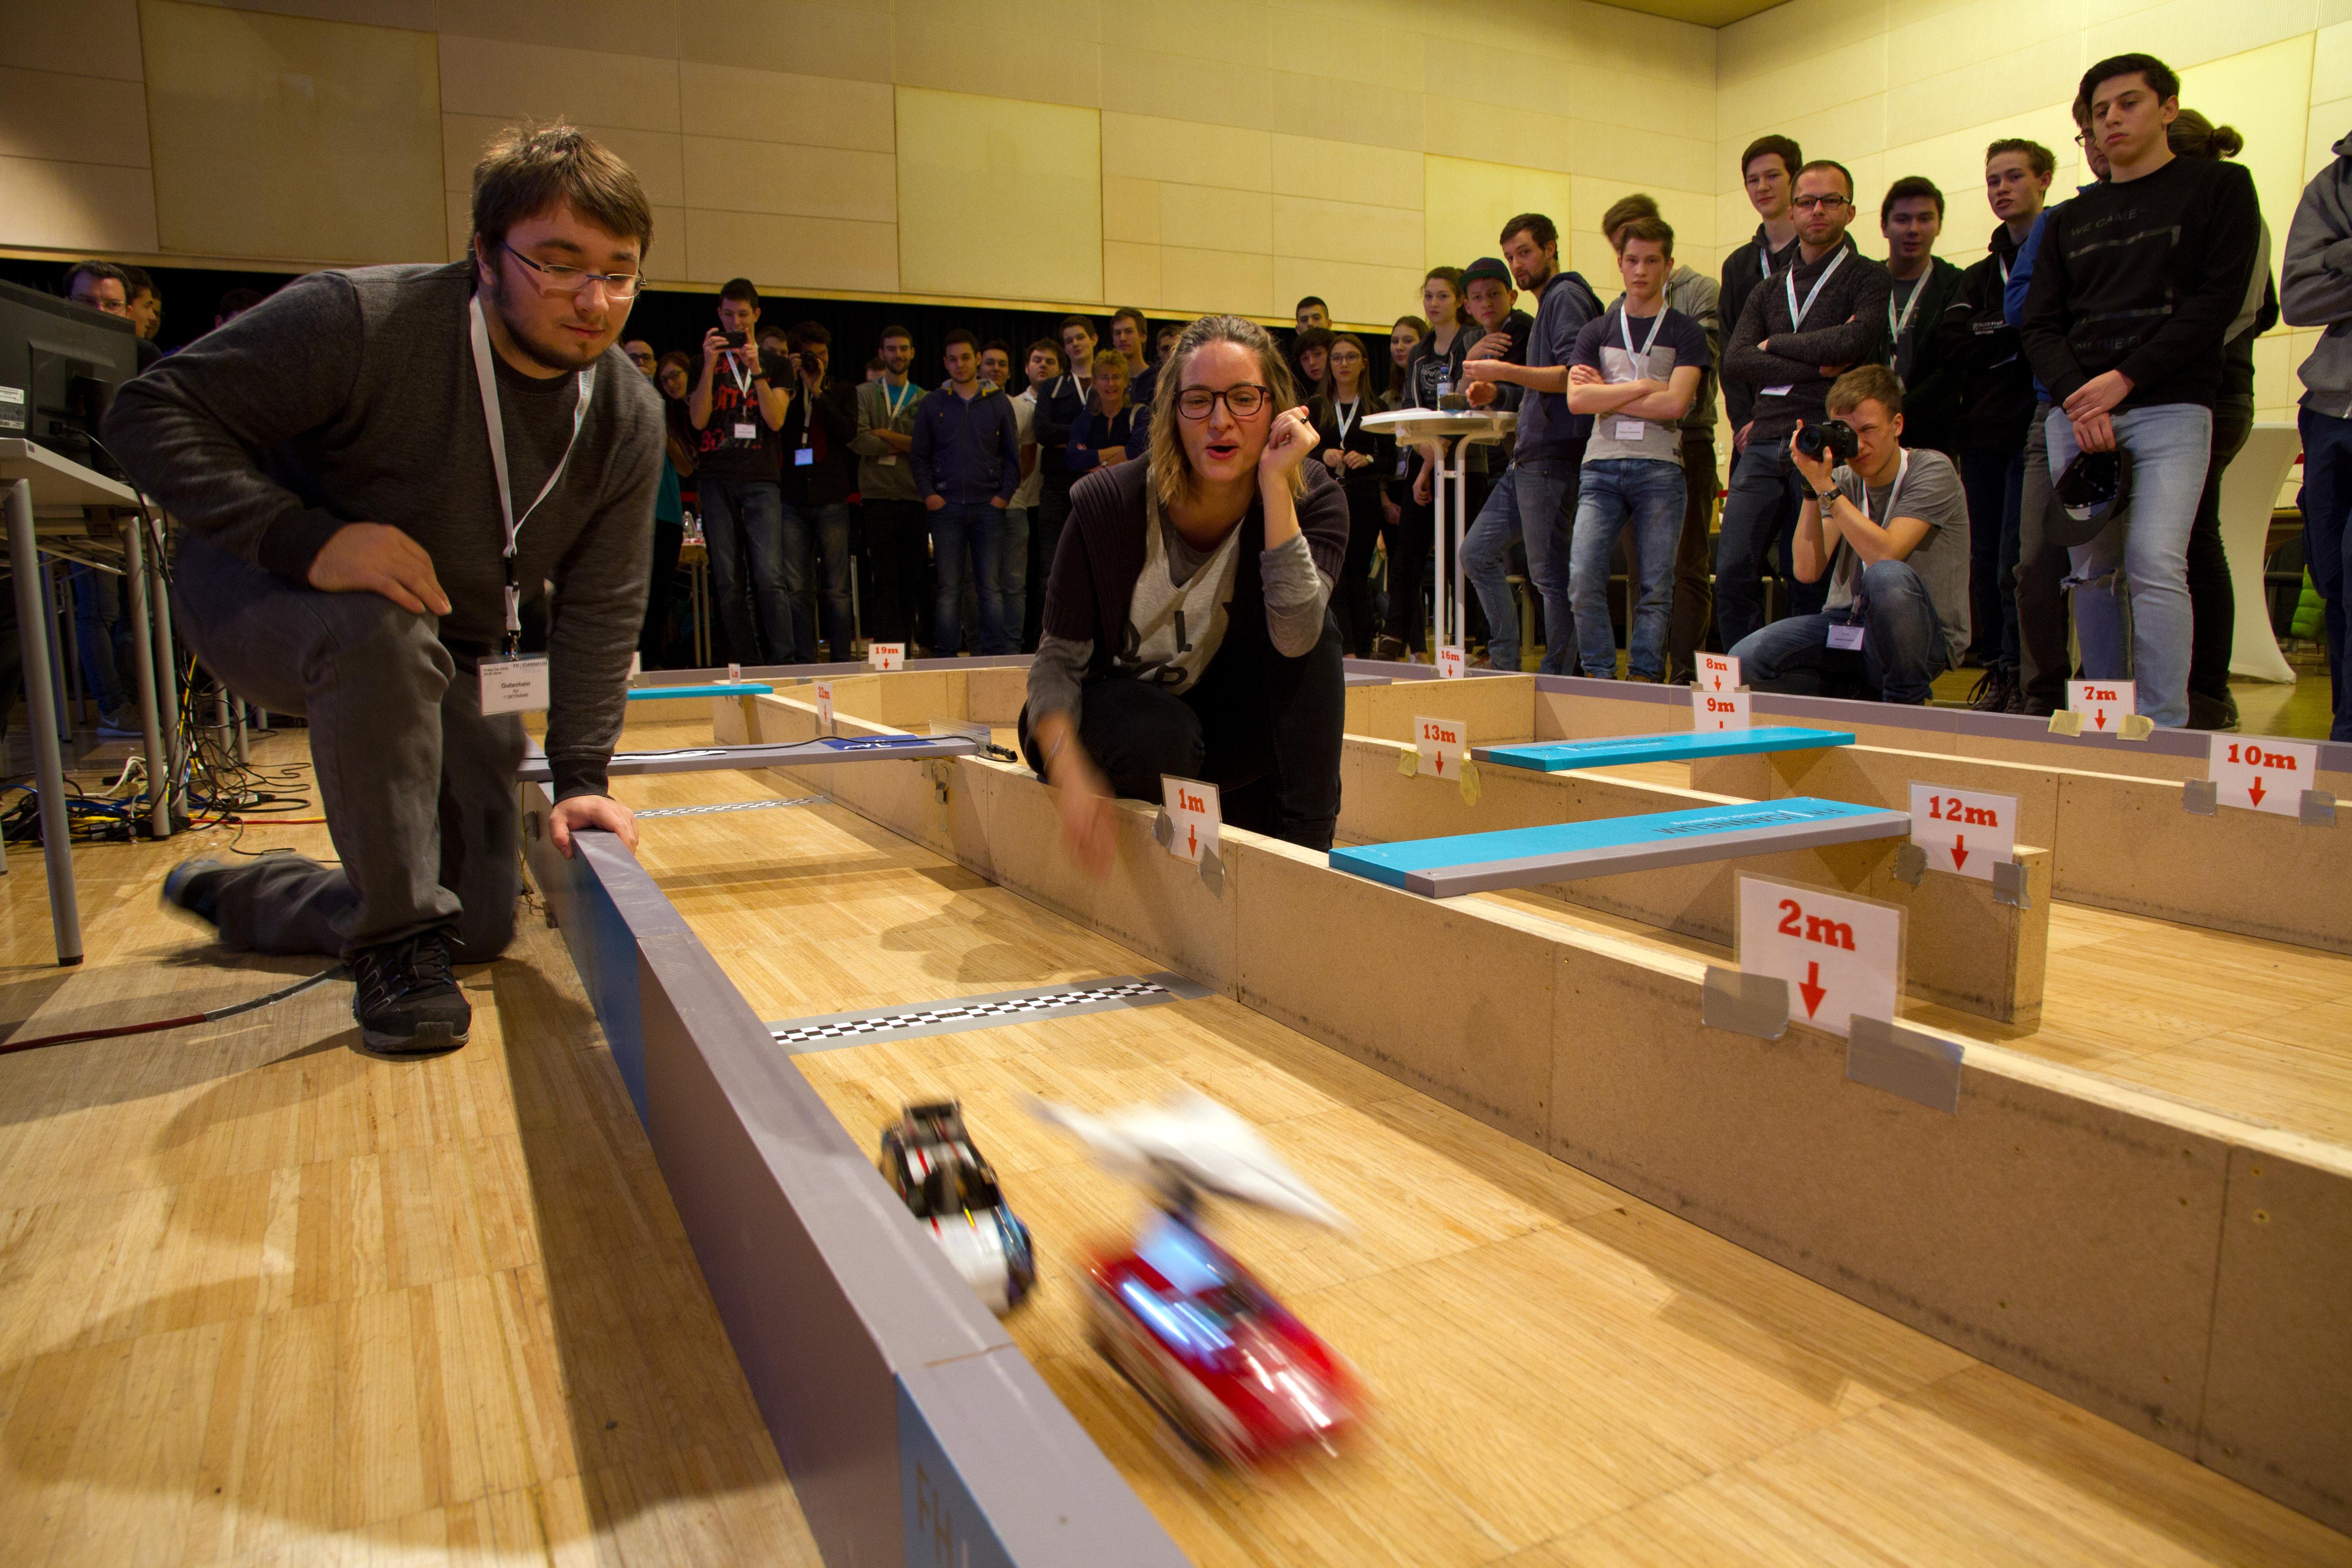 Schülerinnen und Schüler rund um die Strecke aus Holz.